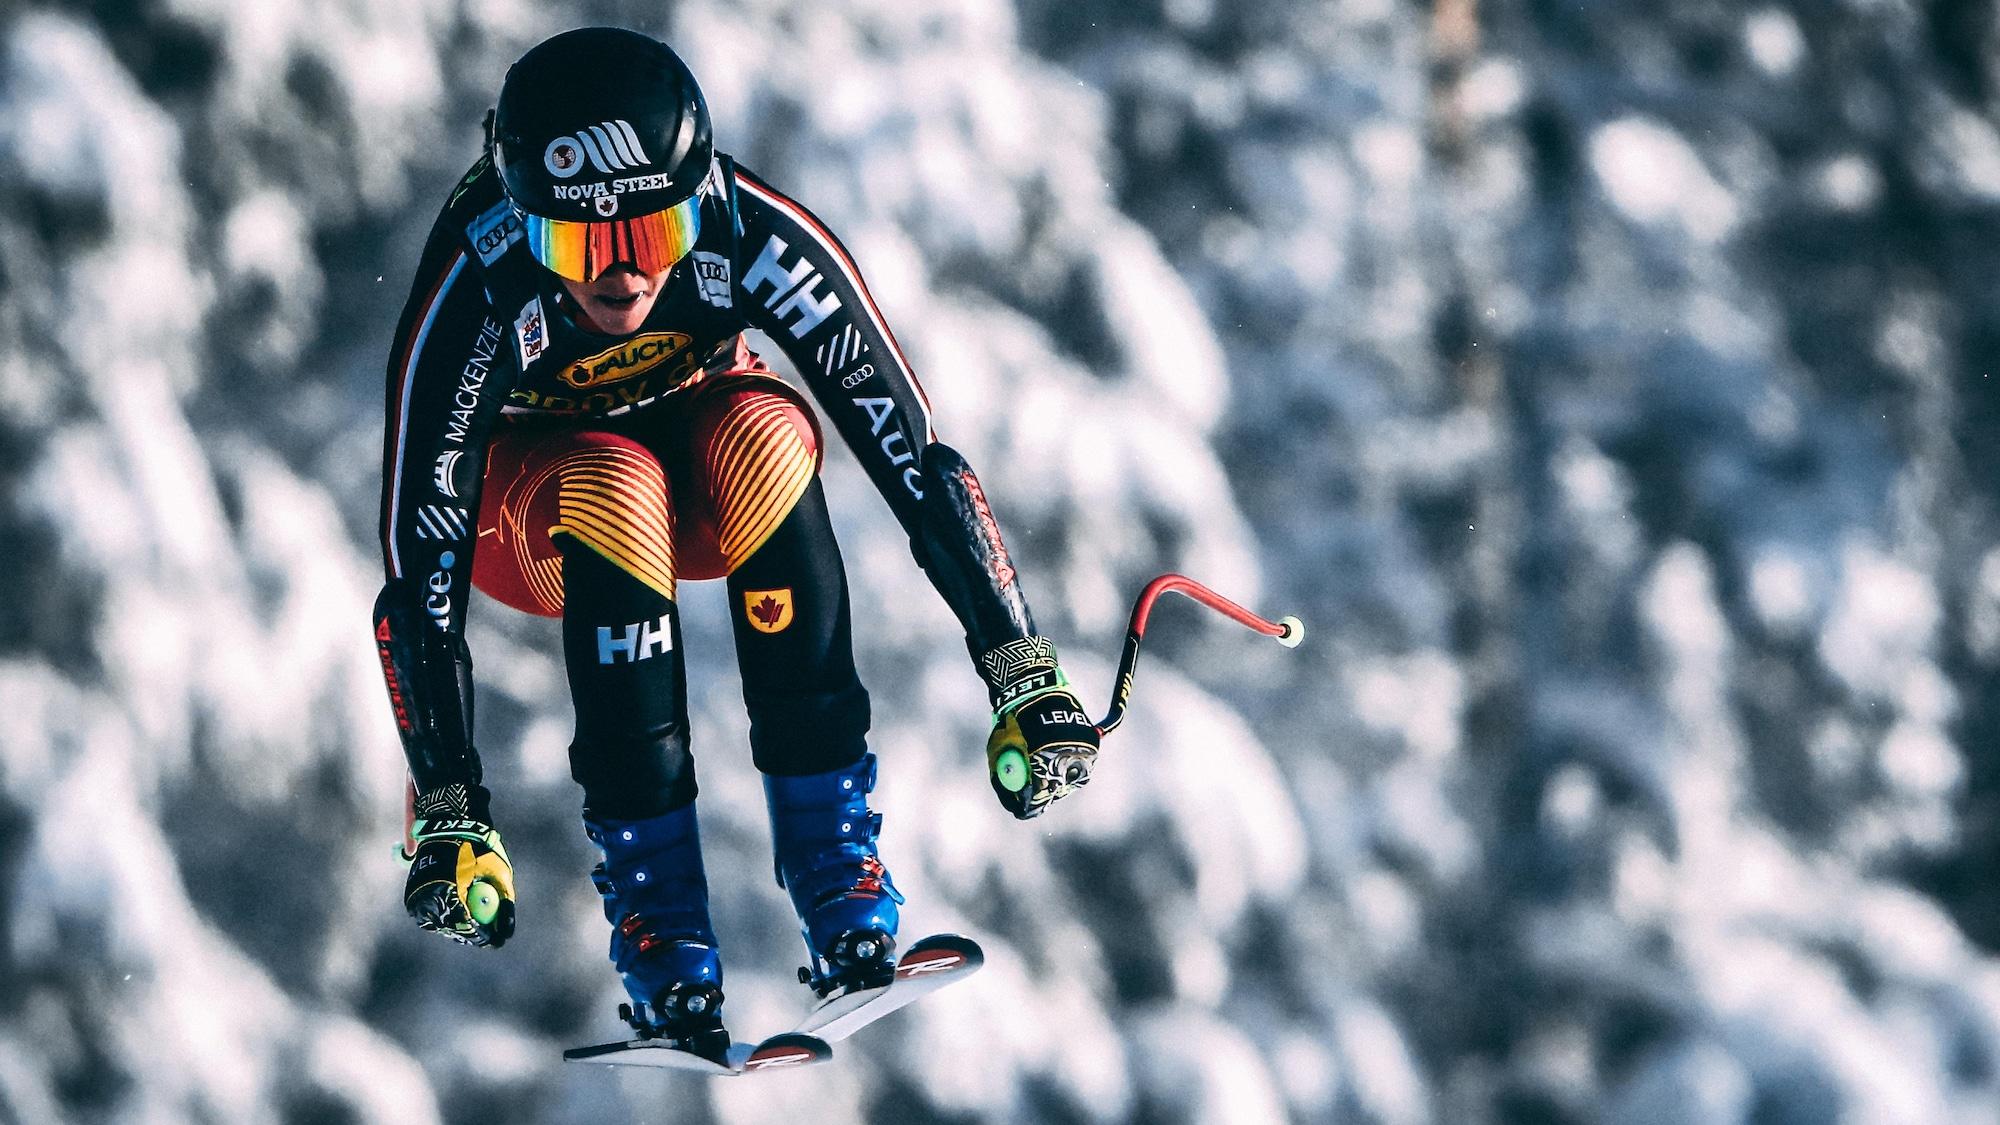 Marie-Michèle Gagnon est suspendue dans les airs pendant un saut, à la Coupe du monde de Lake Louise.